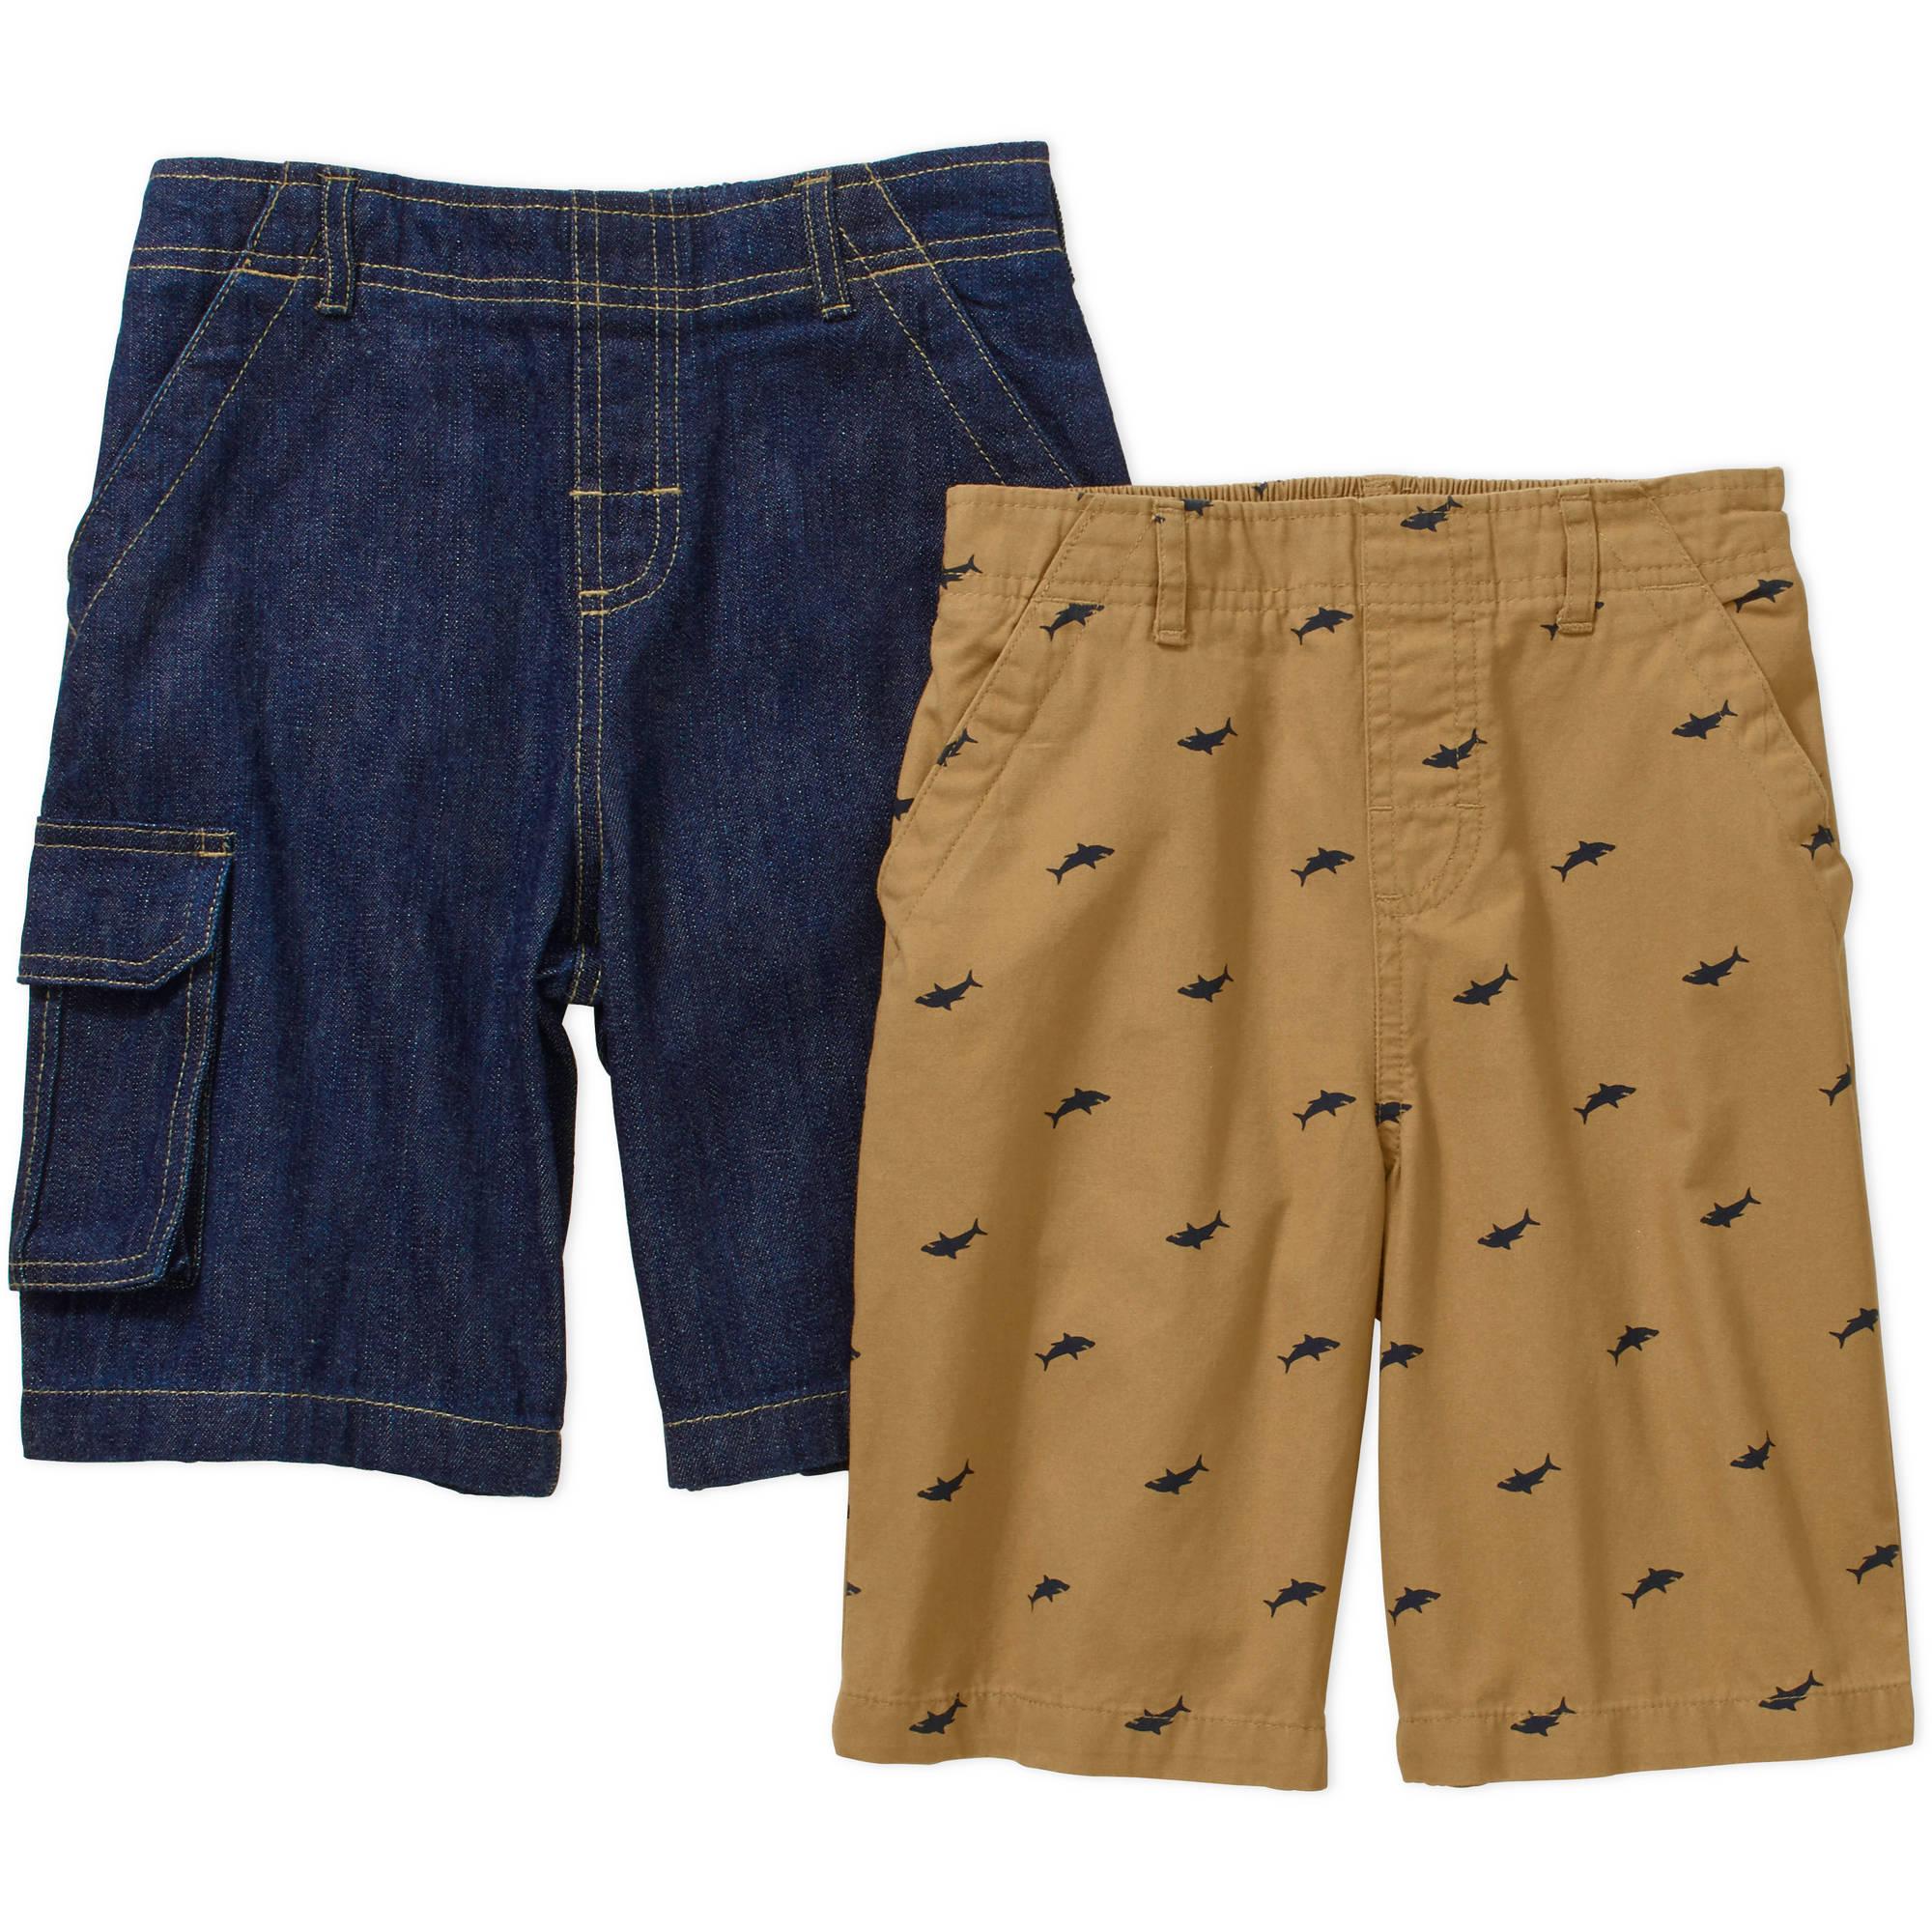 365 Kids From Garanimals Boys' 2 Piece Woven Shorts Set